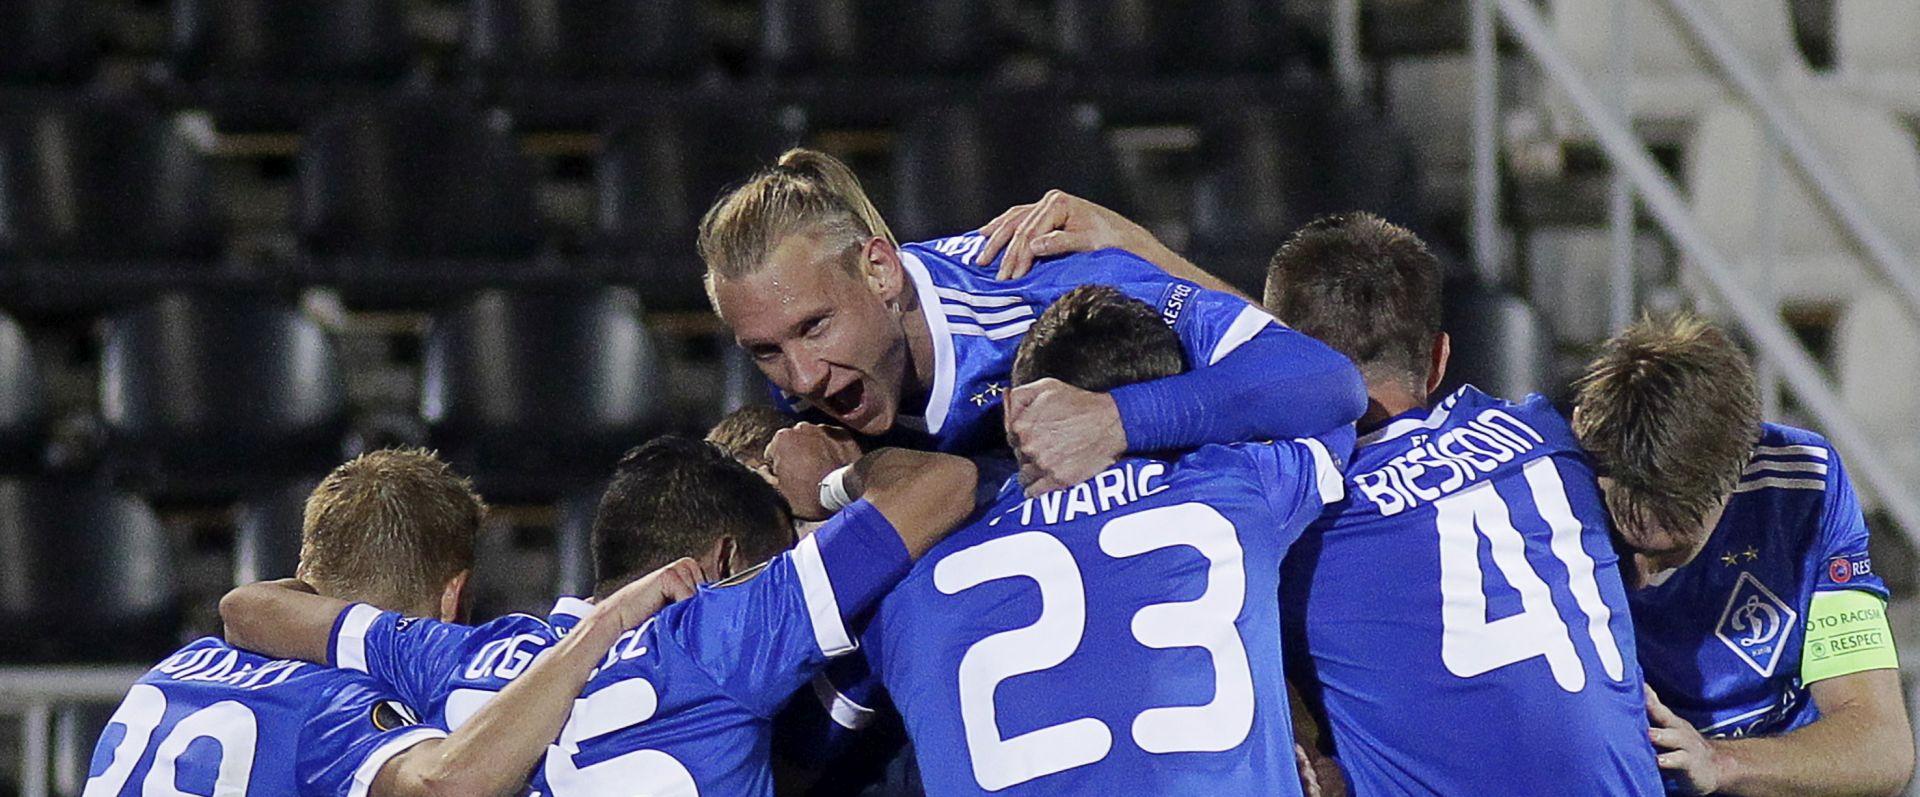 VIDEO: EL – Remi Evertona, pogodak Vlašića, Kramariću žuti, Vida i Pivarić slavili u Beogradu